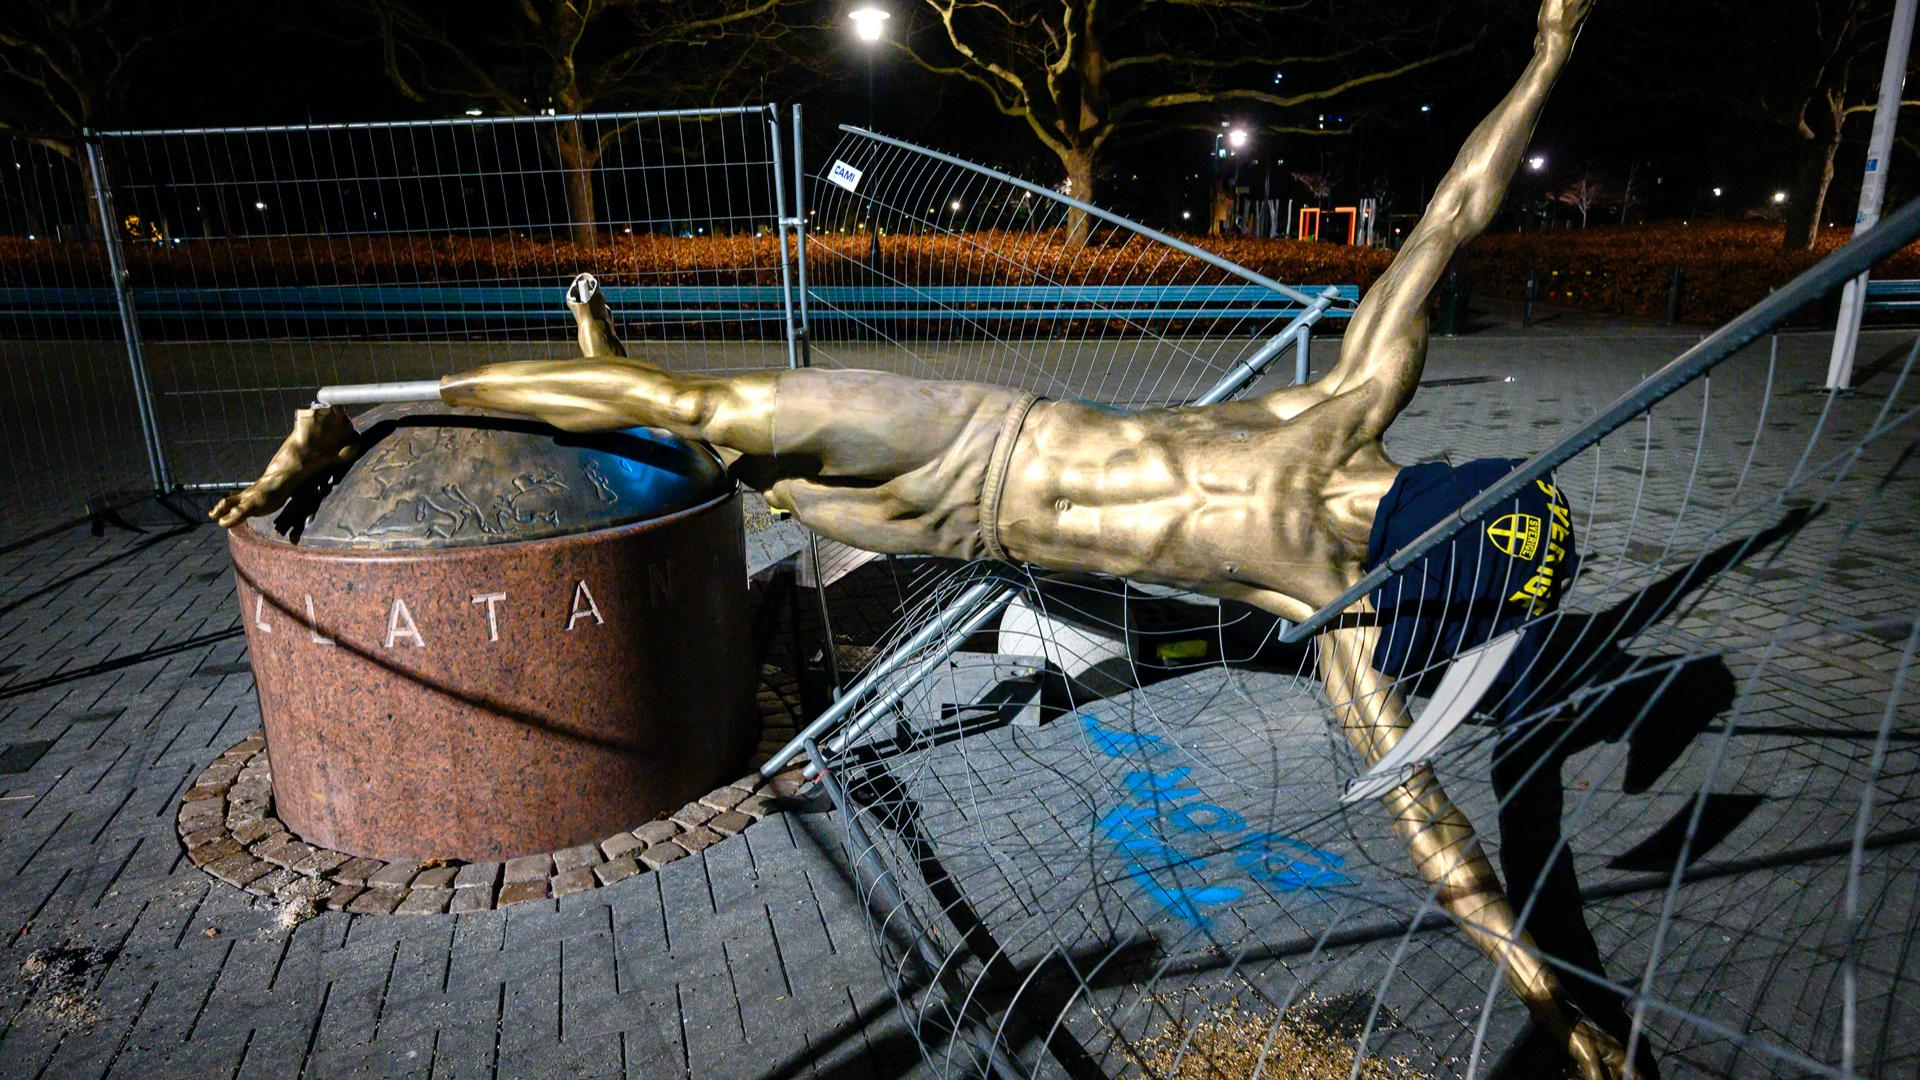 Soccer - La statue de Zlatan Ibrahimovic déboulonnée